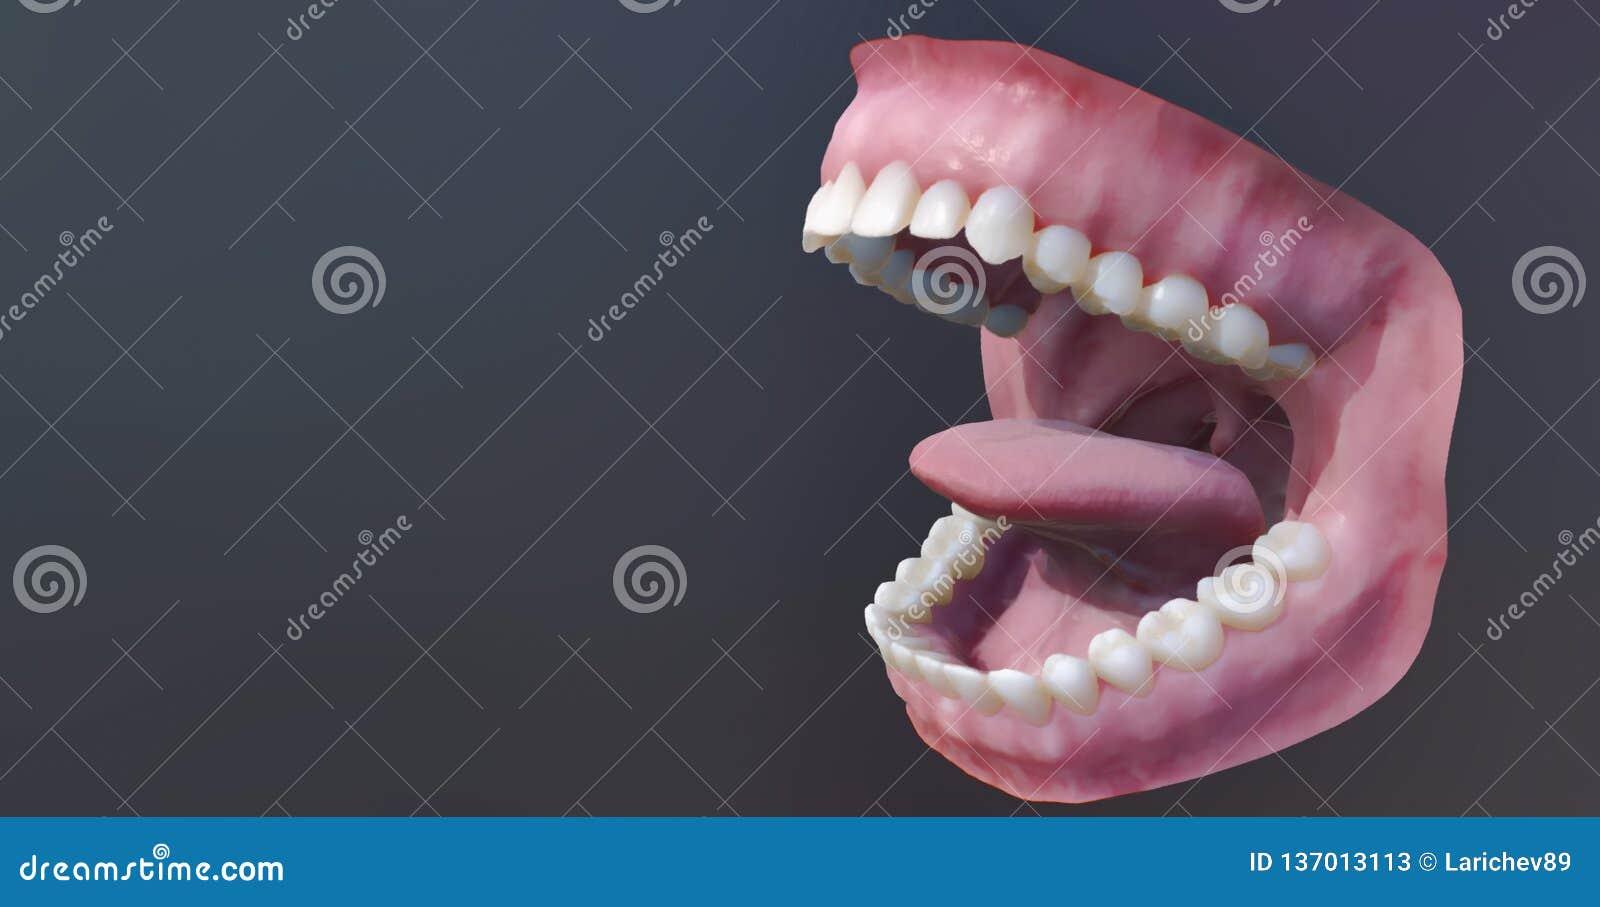 Dents humaines, bouche ouverte Illustration médicalement précise de la dent 3D